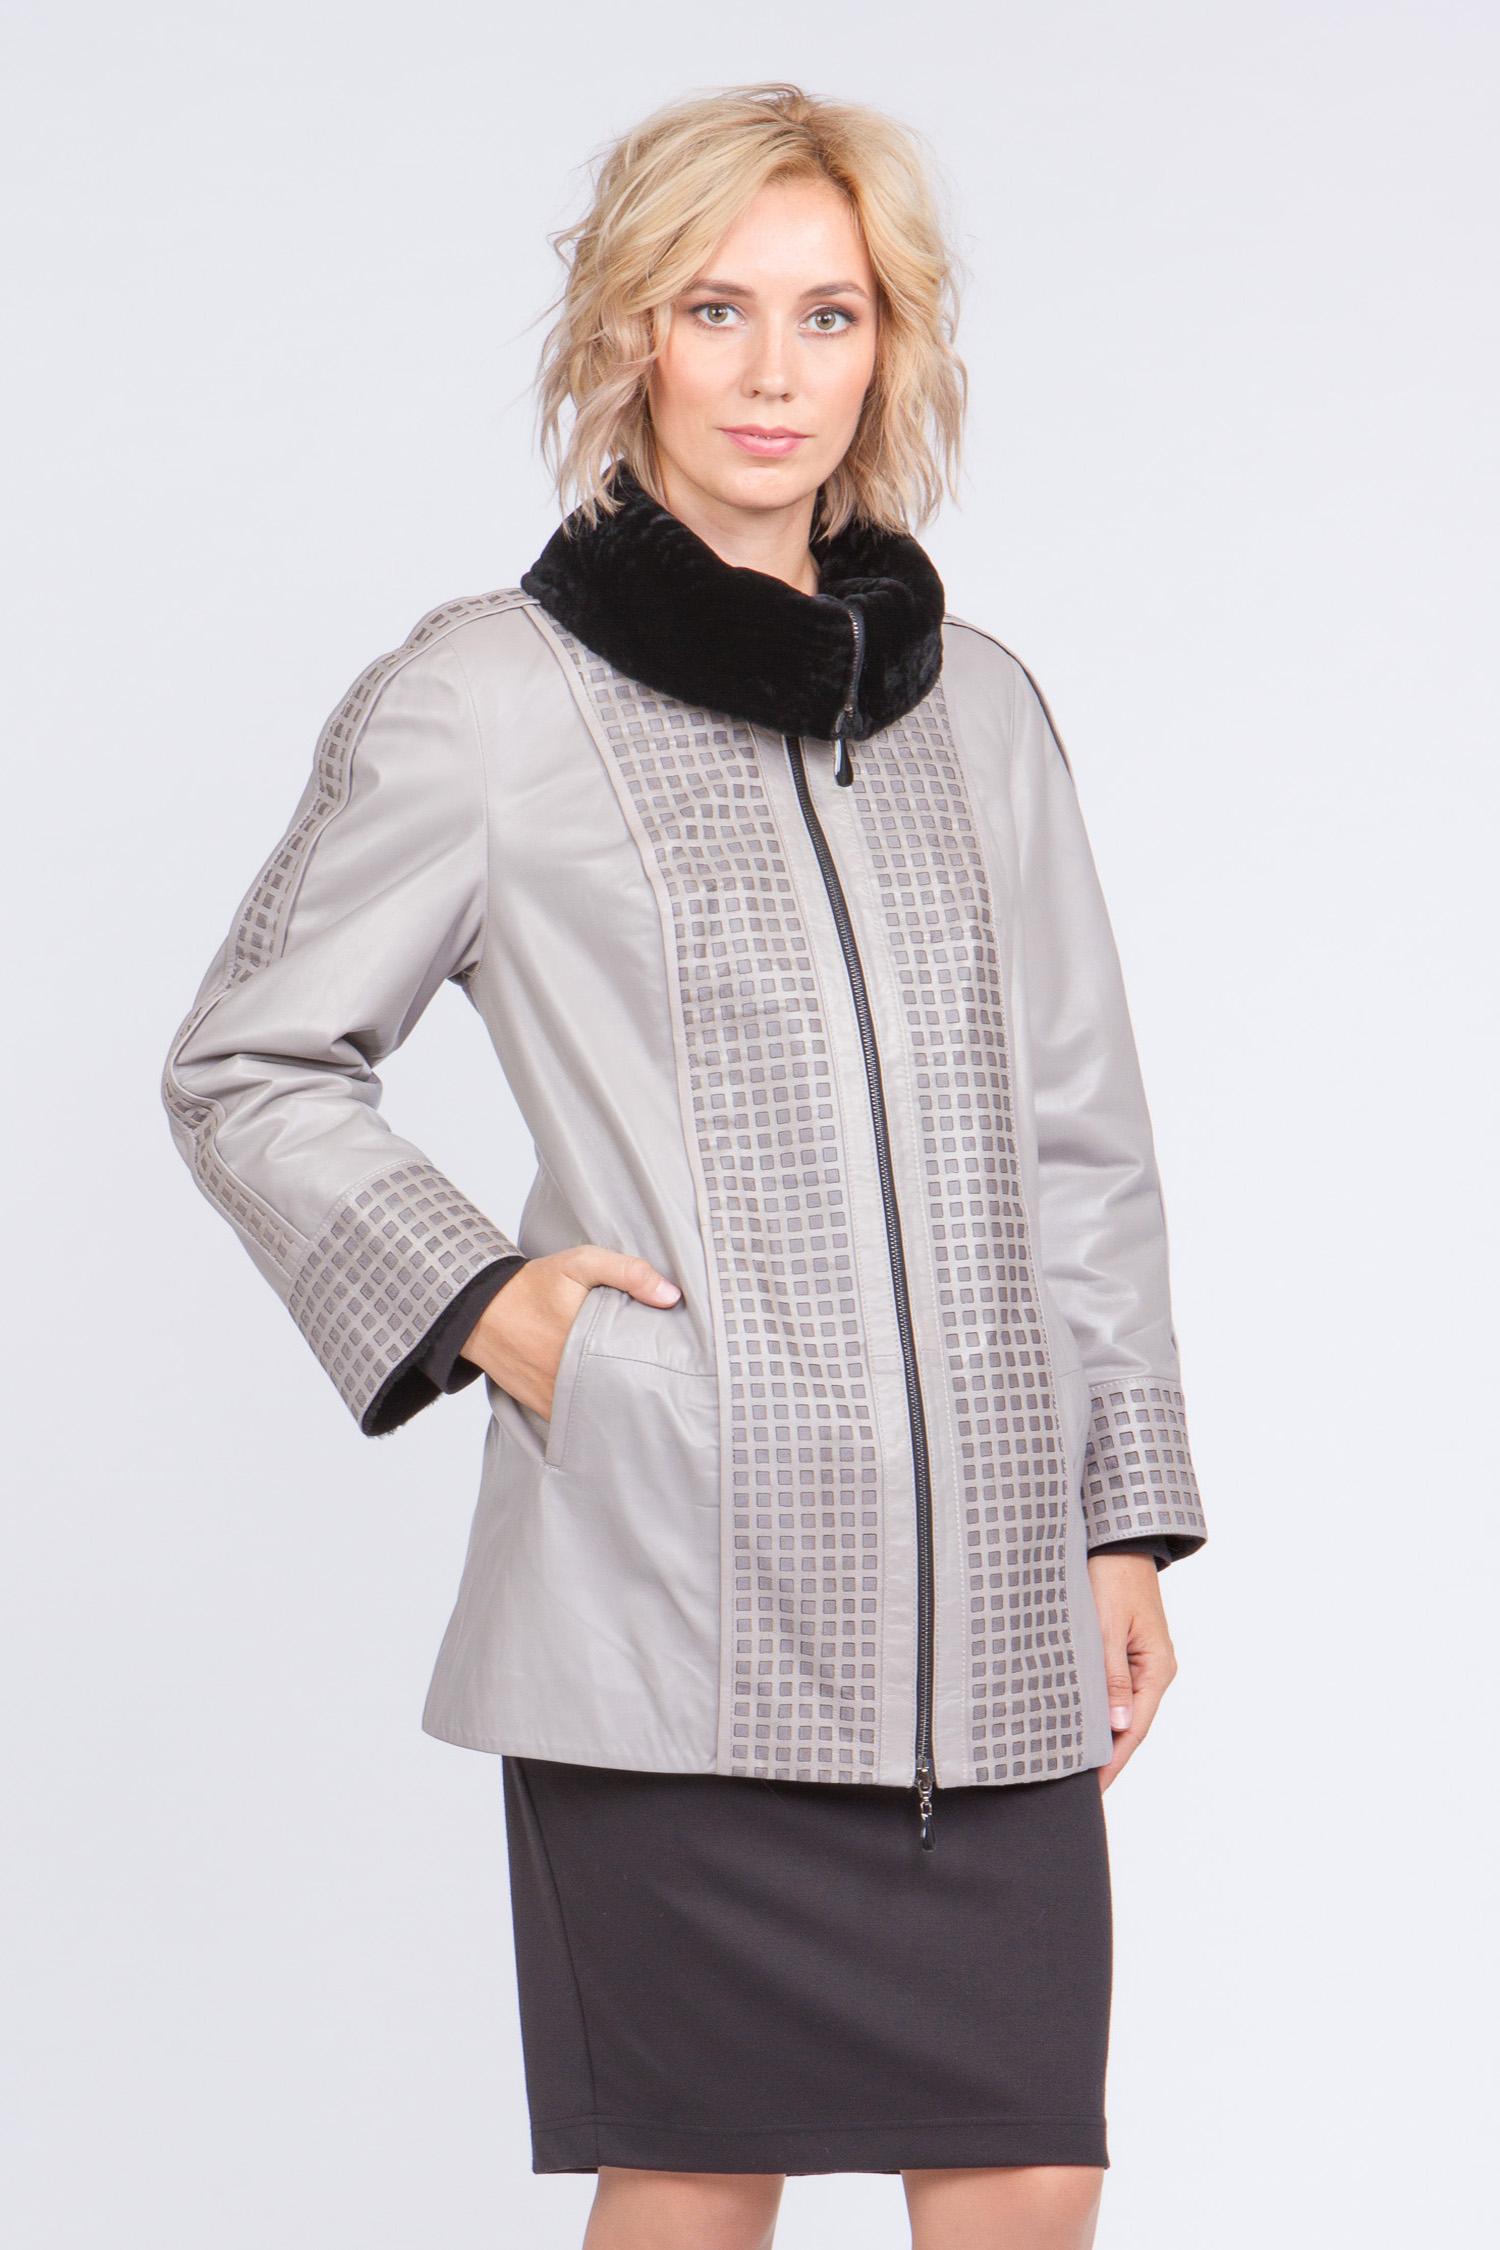 Женская кожаная куртка из натуральной кожи на меху с воротником, без отделки